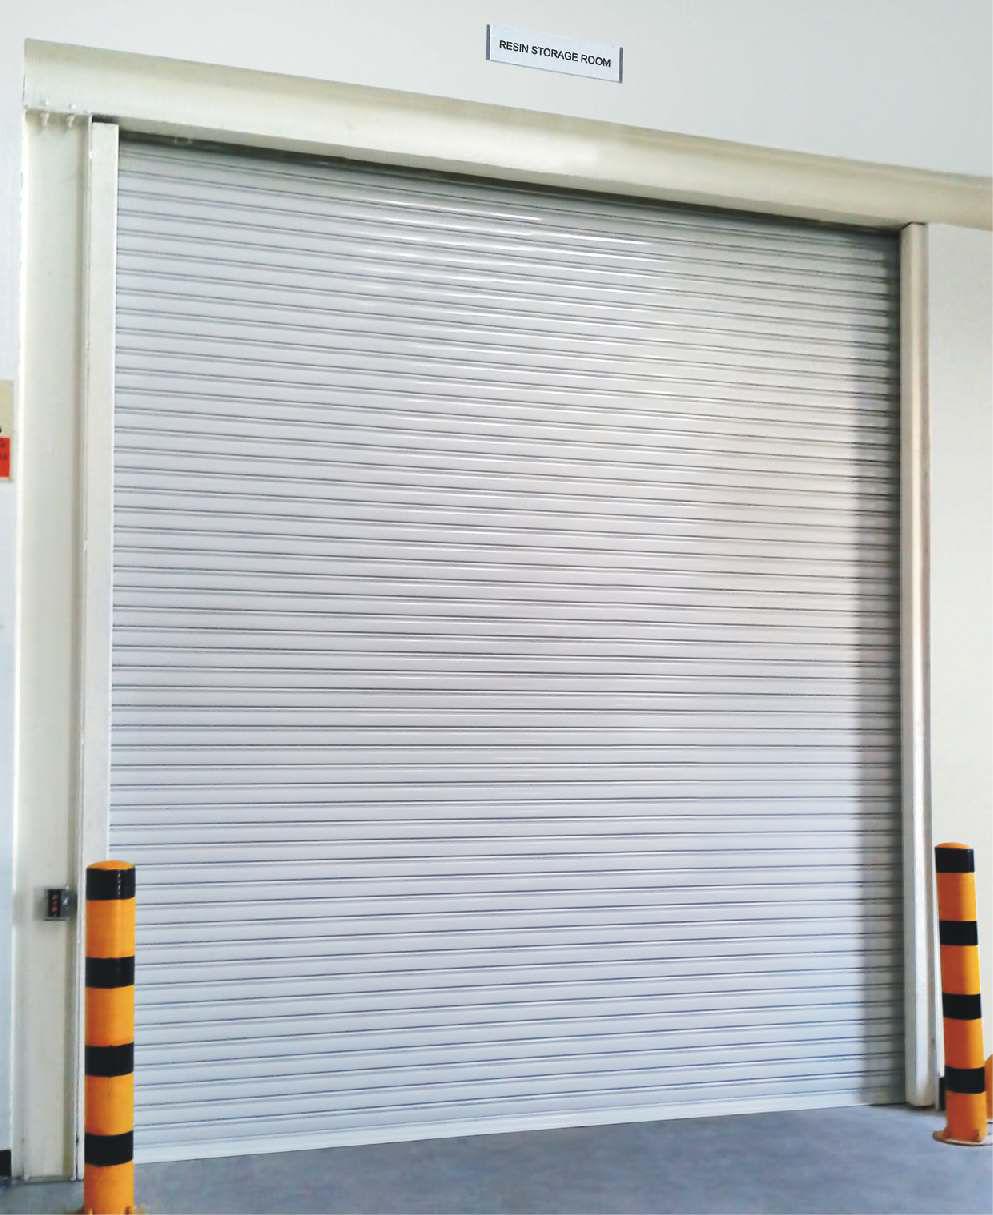 Roll Up Door / Stainless Steel / Galvanized Steel / Industrial